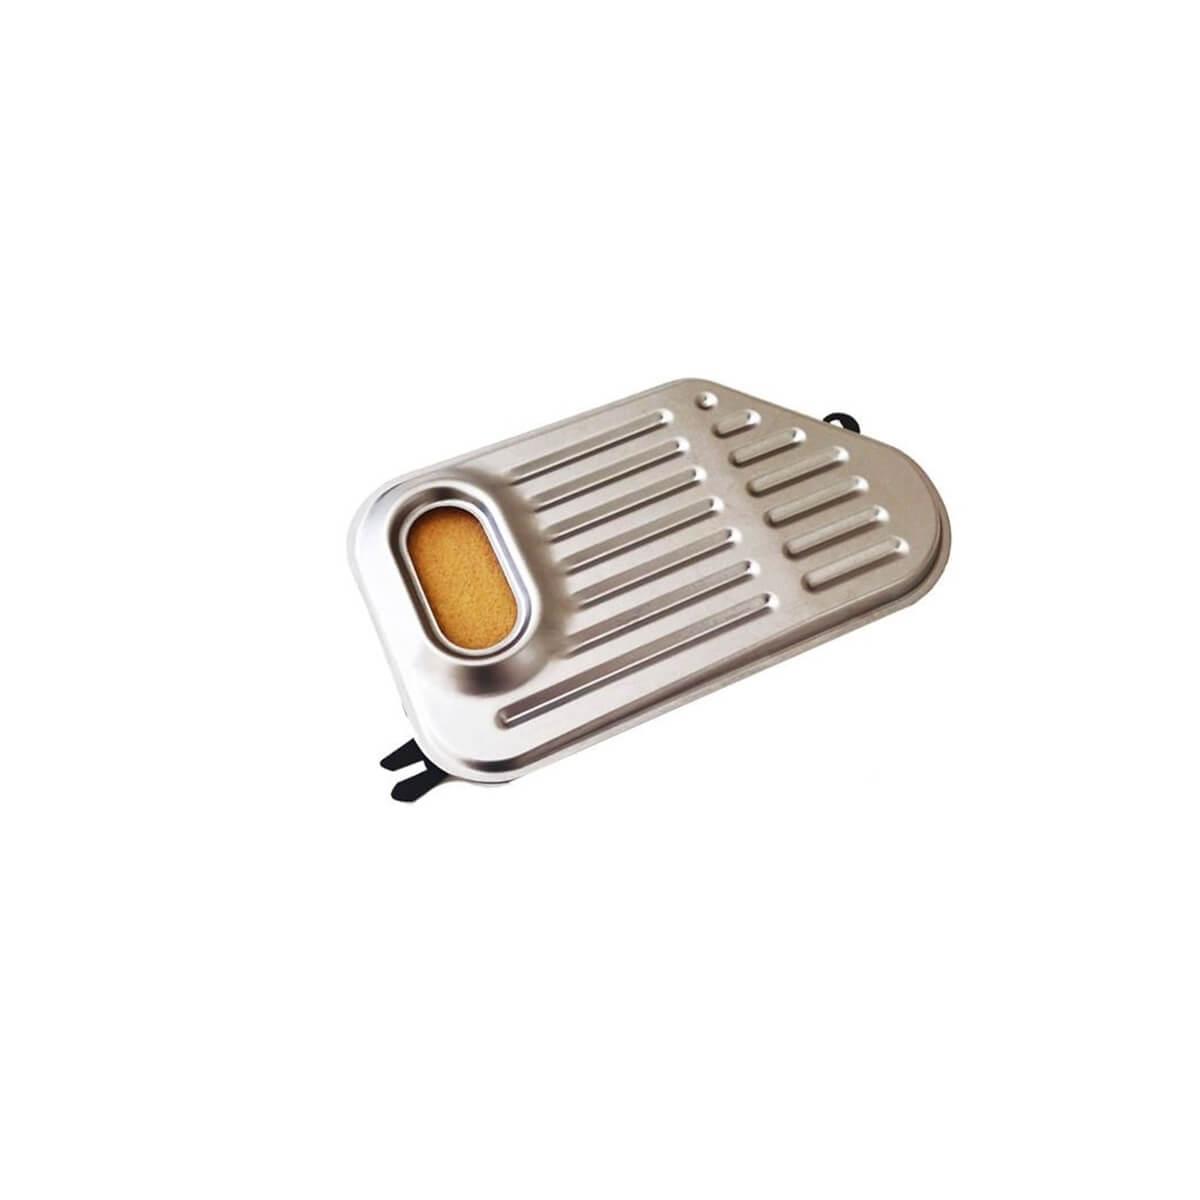 Filtro Cambio Automatico Bmw Serie 3 5 Audi A4 A6 5HP19 WFC903 em até 6x sem juros